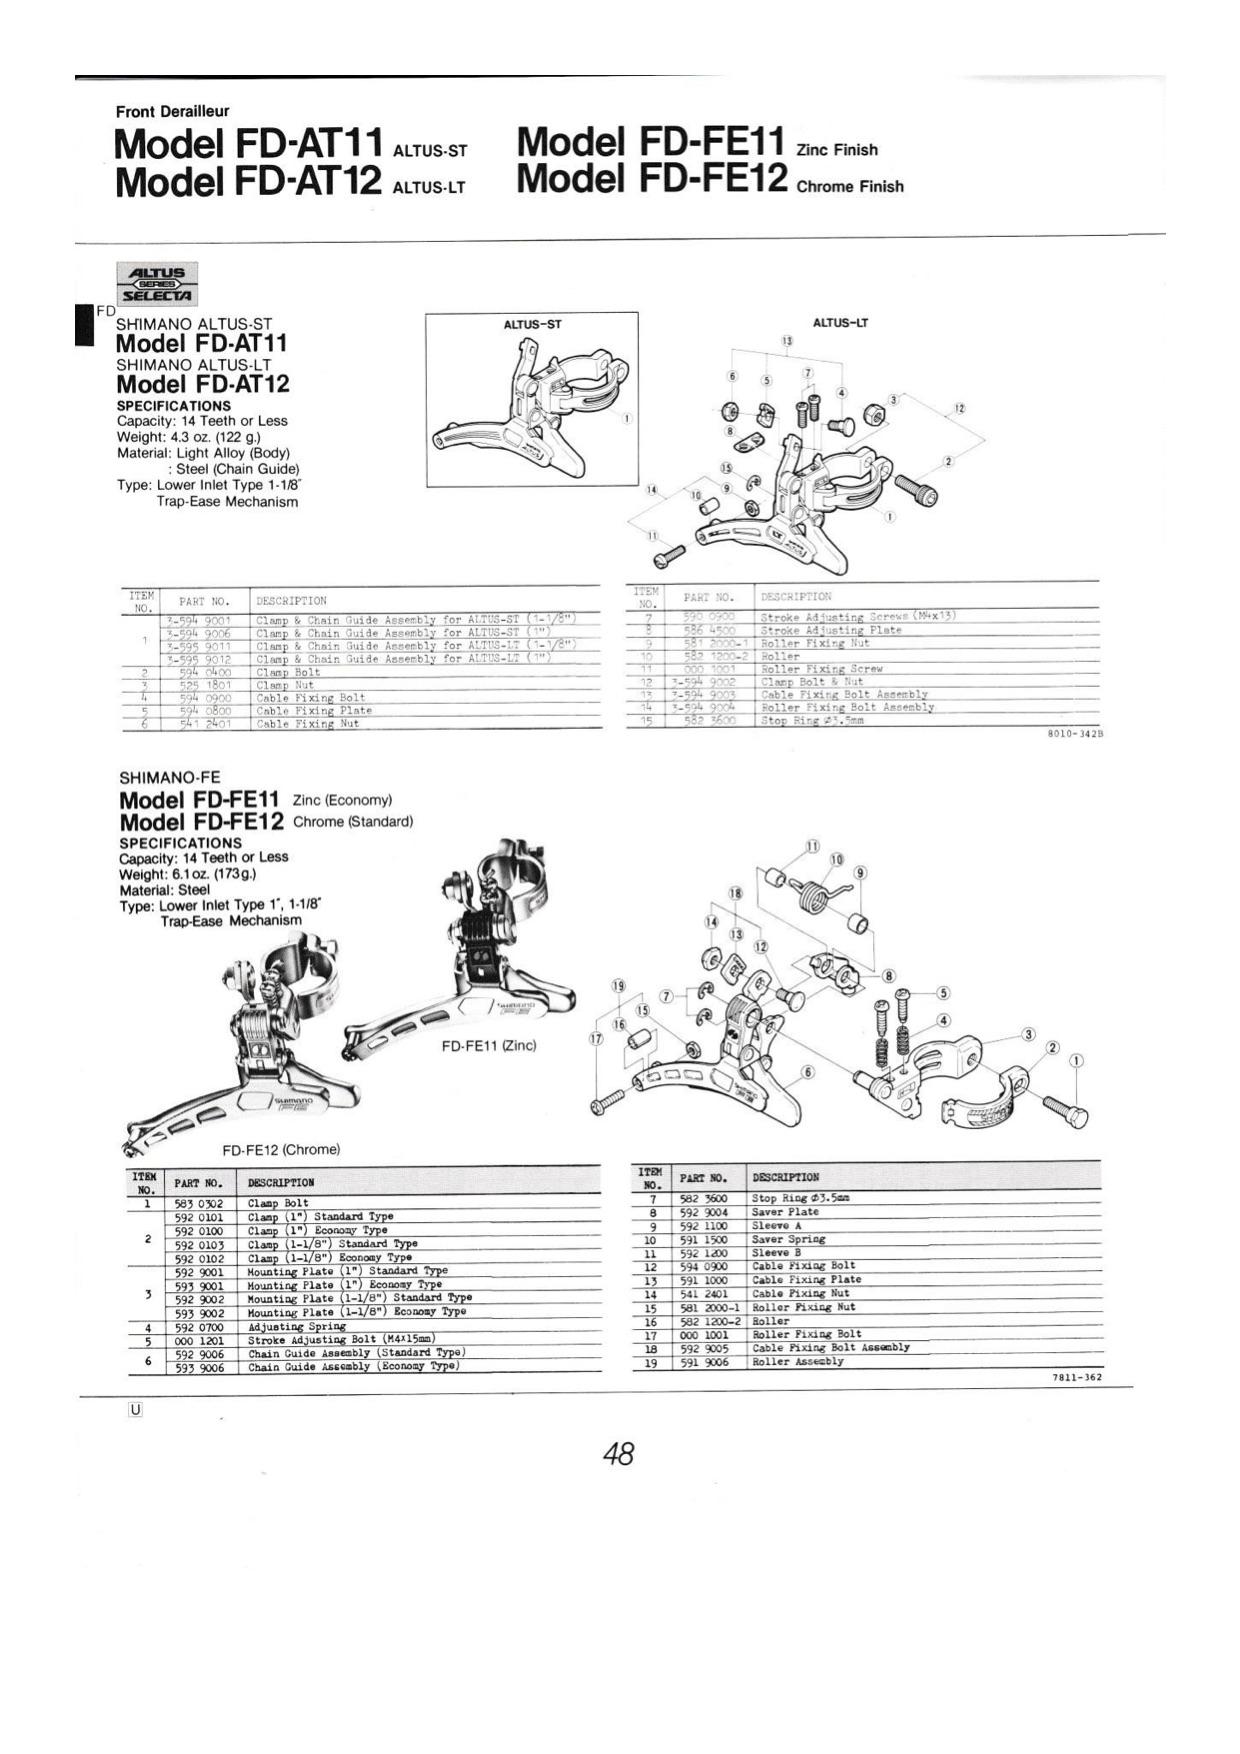 Shimano 1984 Dealer (verschoben) 2.